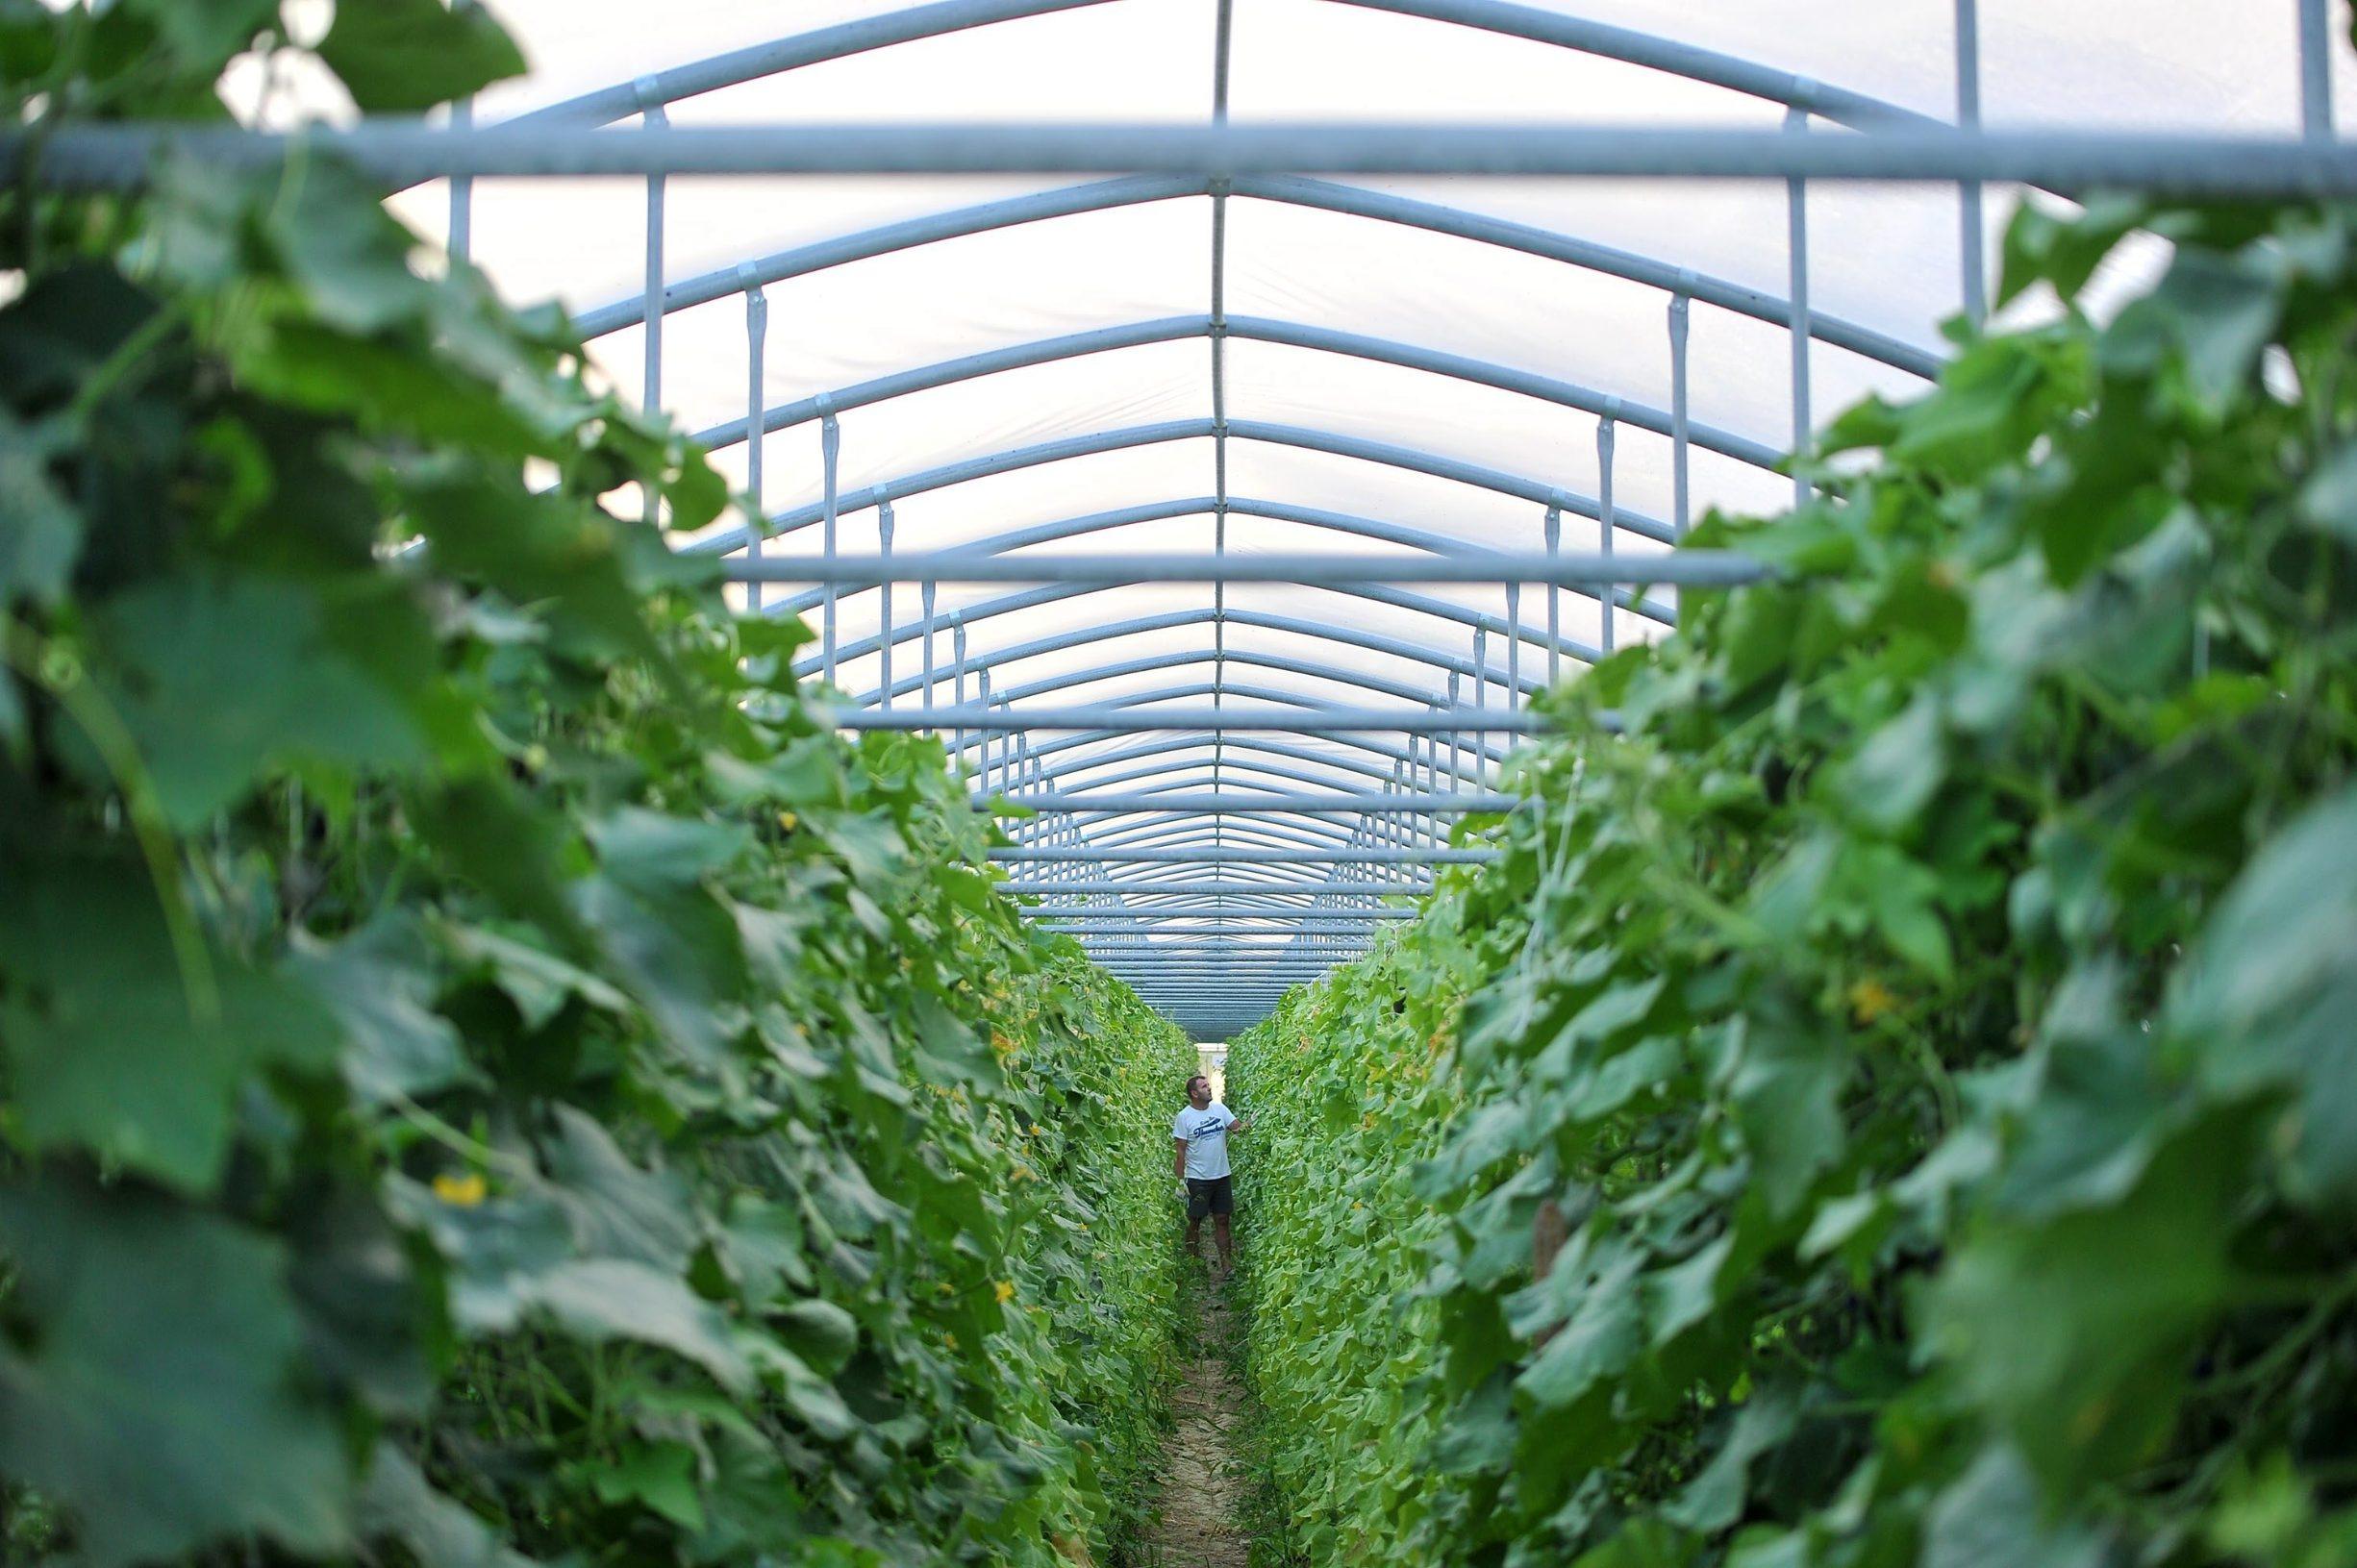 Poljoprivrednici su objeručke su prihvatili poticajne mjere koje im se nude za očuvanje okoliša bez puno truda i rada, a ekološke mjere ne zadovaljavju ni velike farmere koji su u utrci za profitom puno uložili u proizvodnju hrane na jedan drugi način